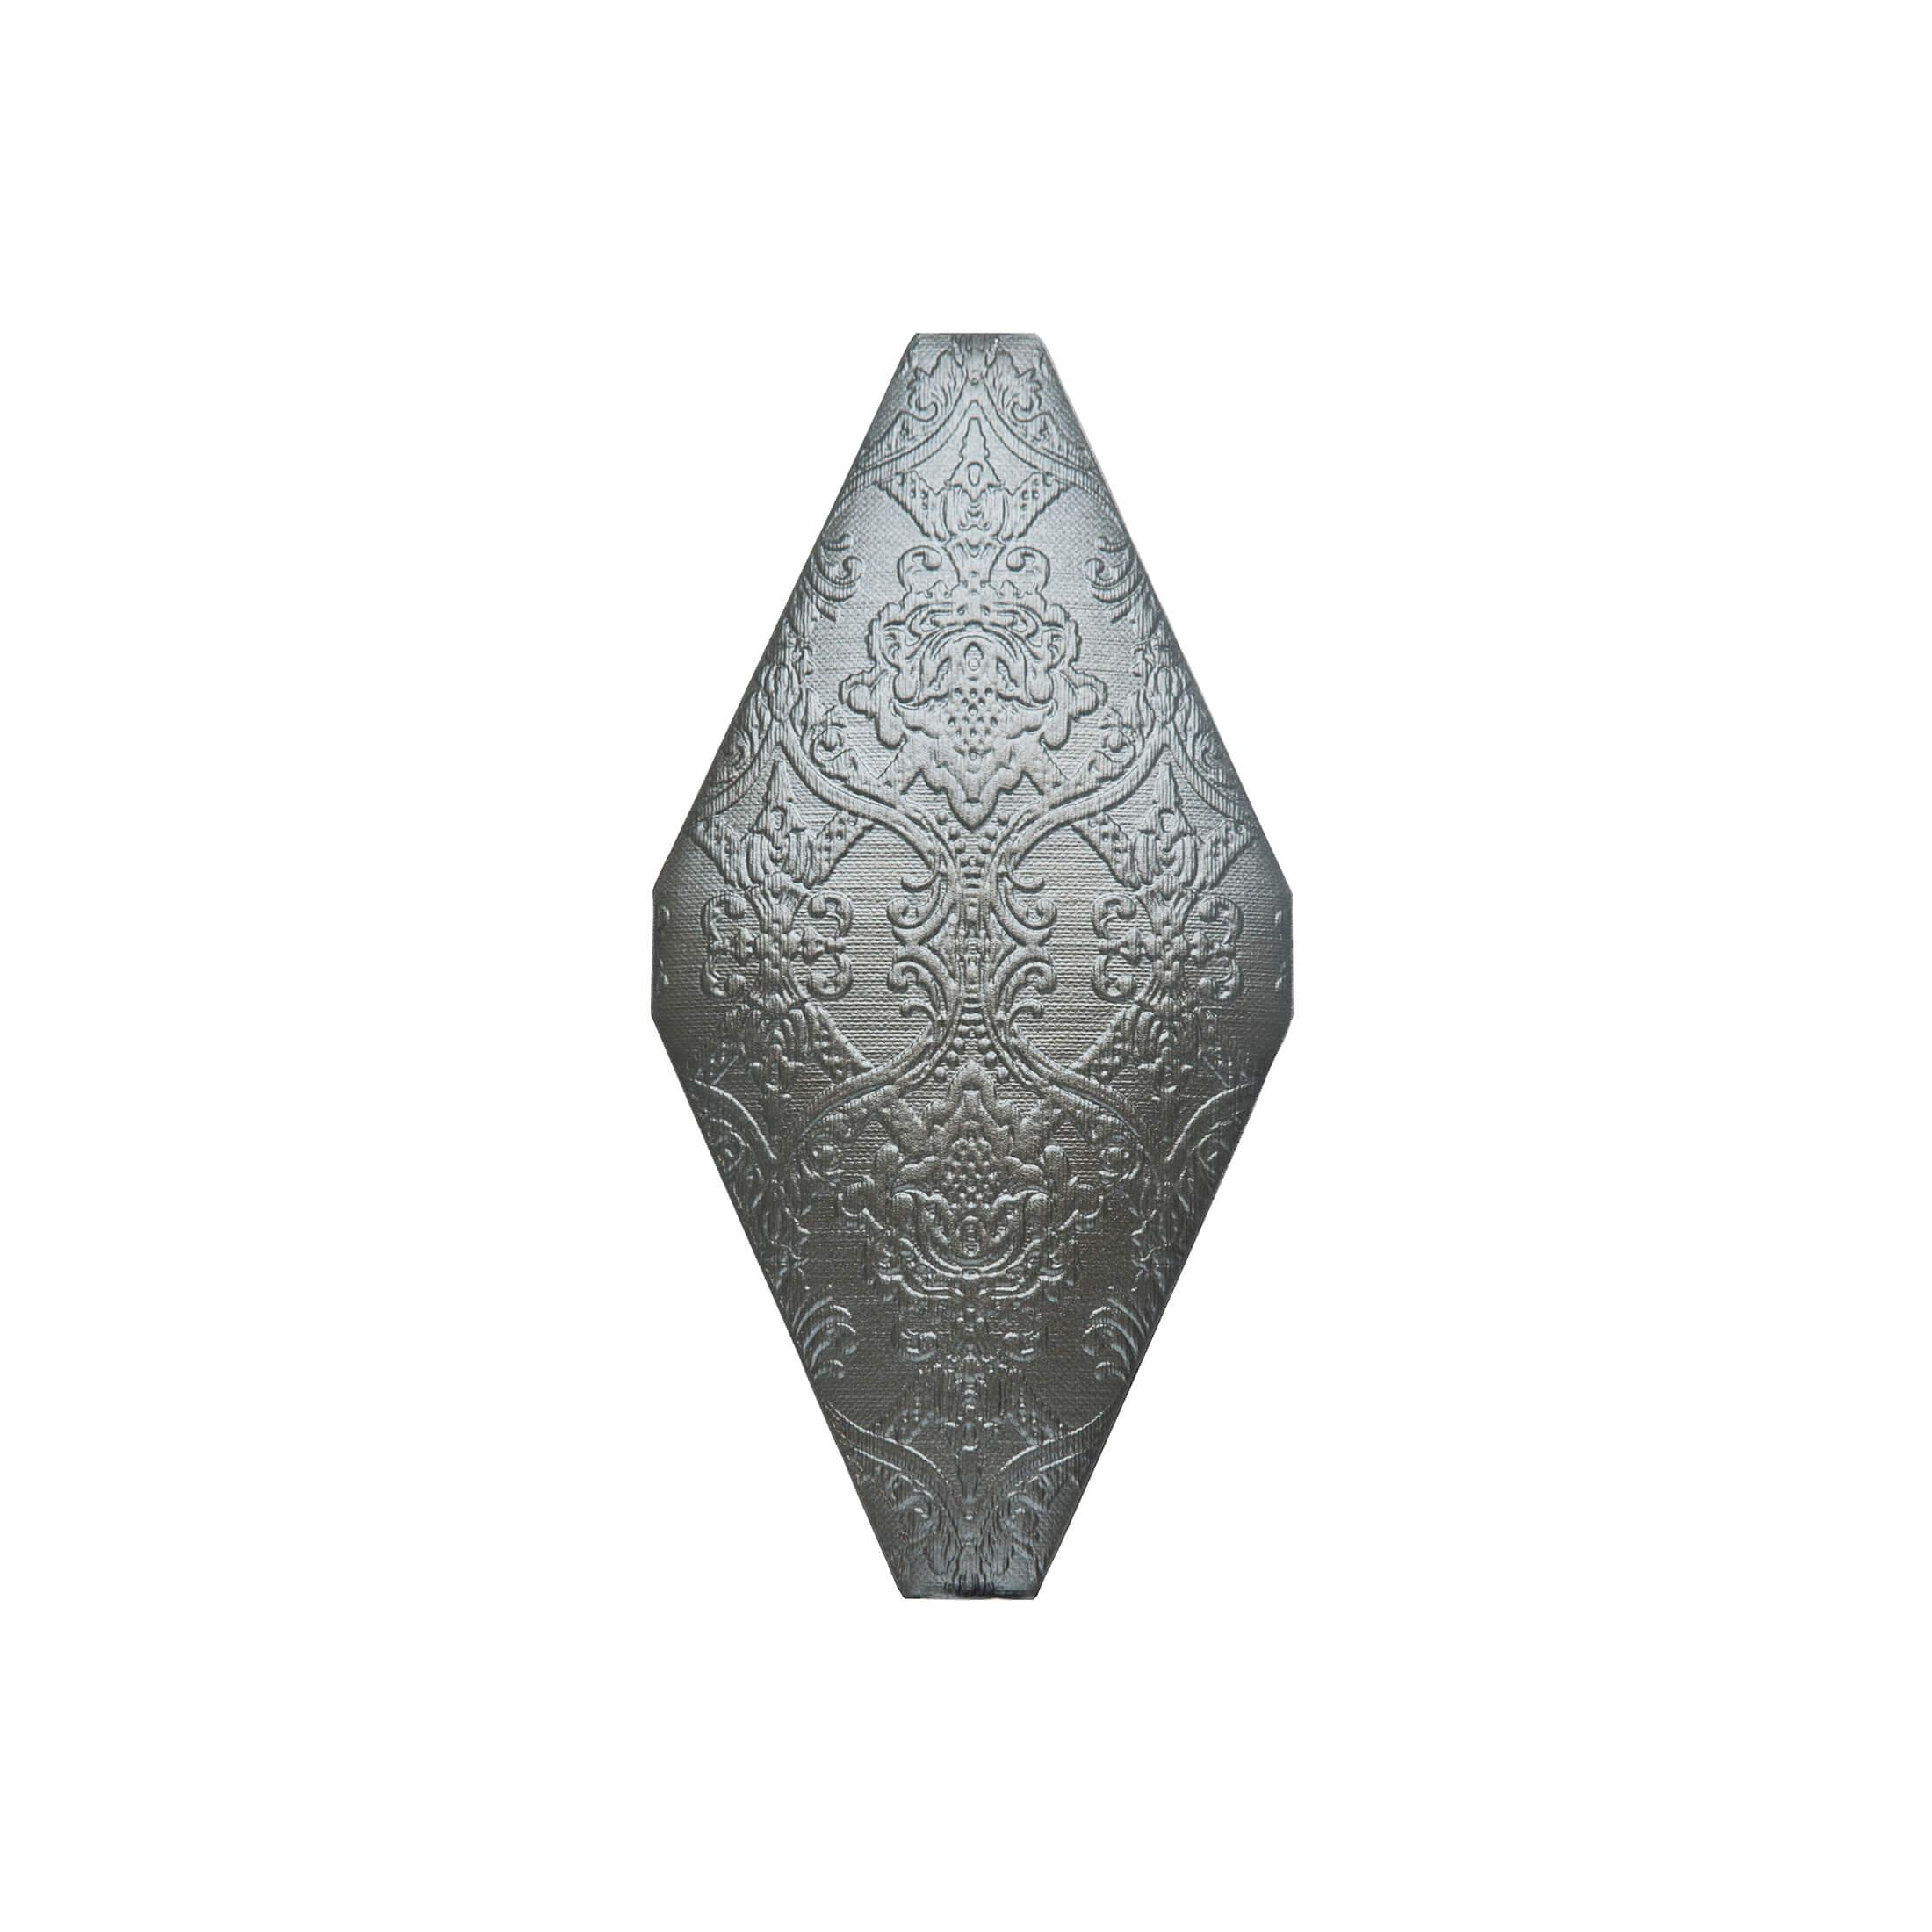 ADNE8105 - ROMBO ACOLCHADO GRAFITO - 10 cm X 20 cm